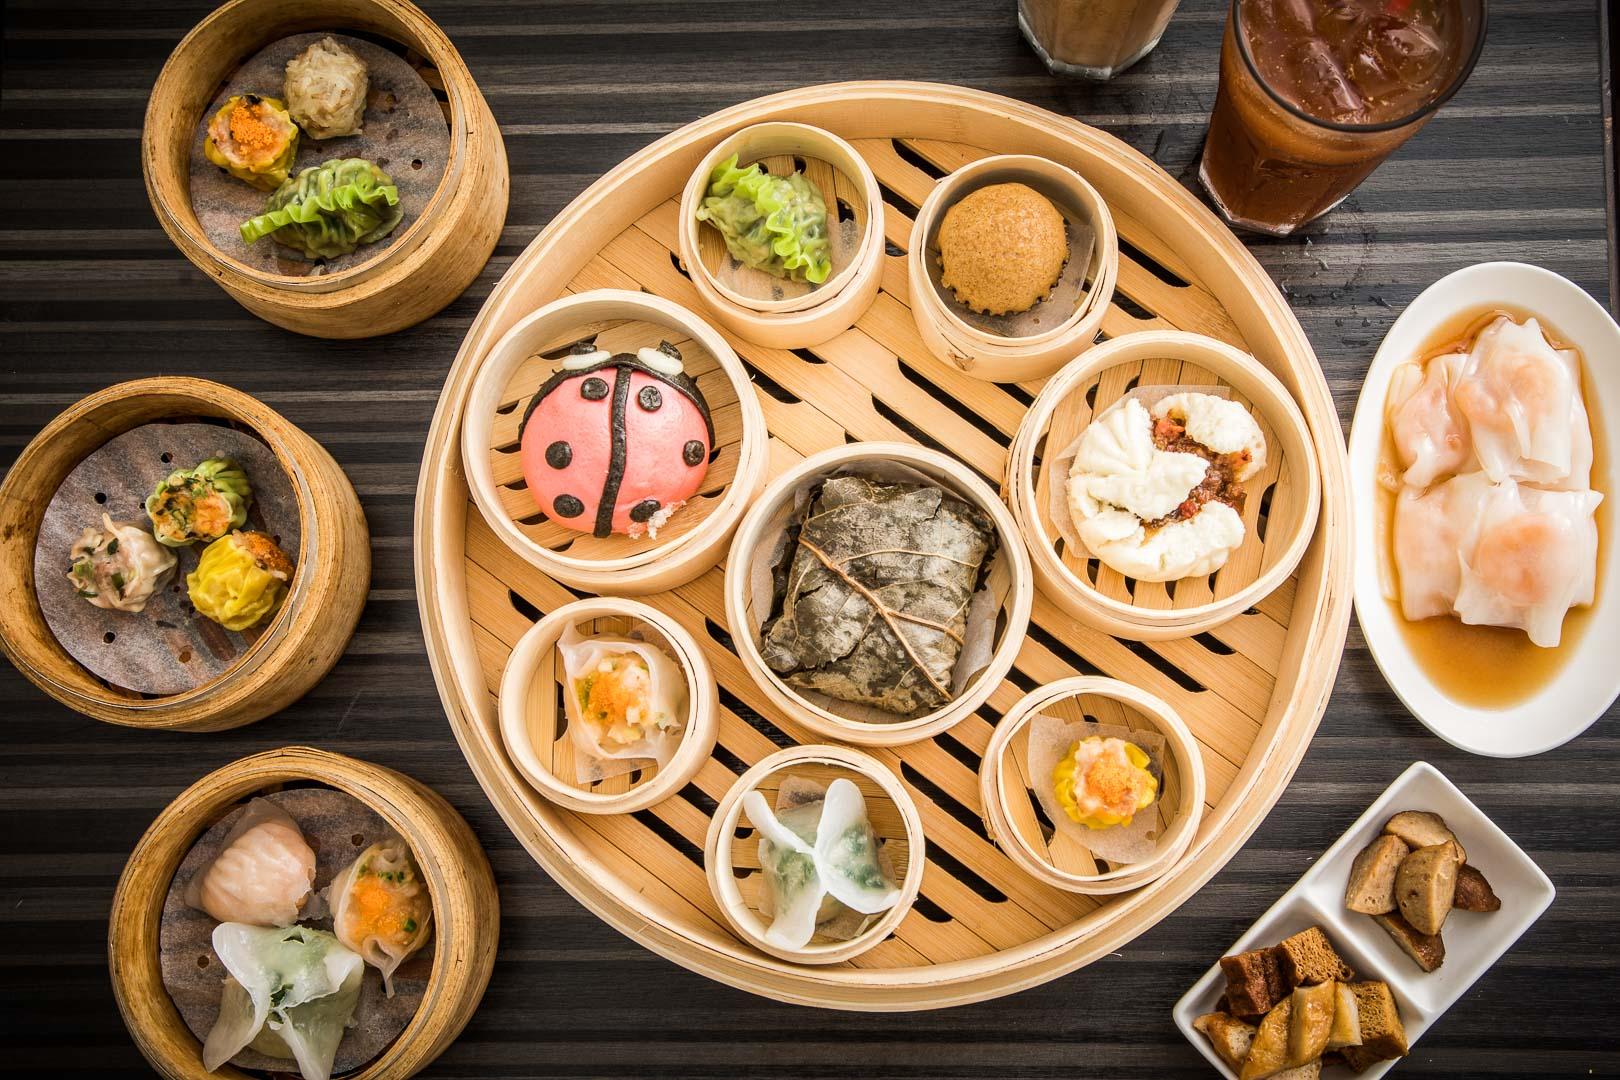 中和美食 》胖包子港式飲茶|中和平價港點推薦,浮誇大蒸籠雙人套餐還附飲料!